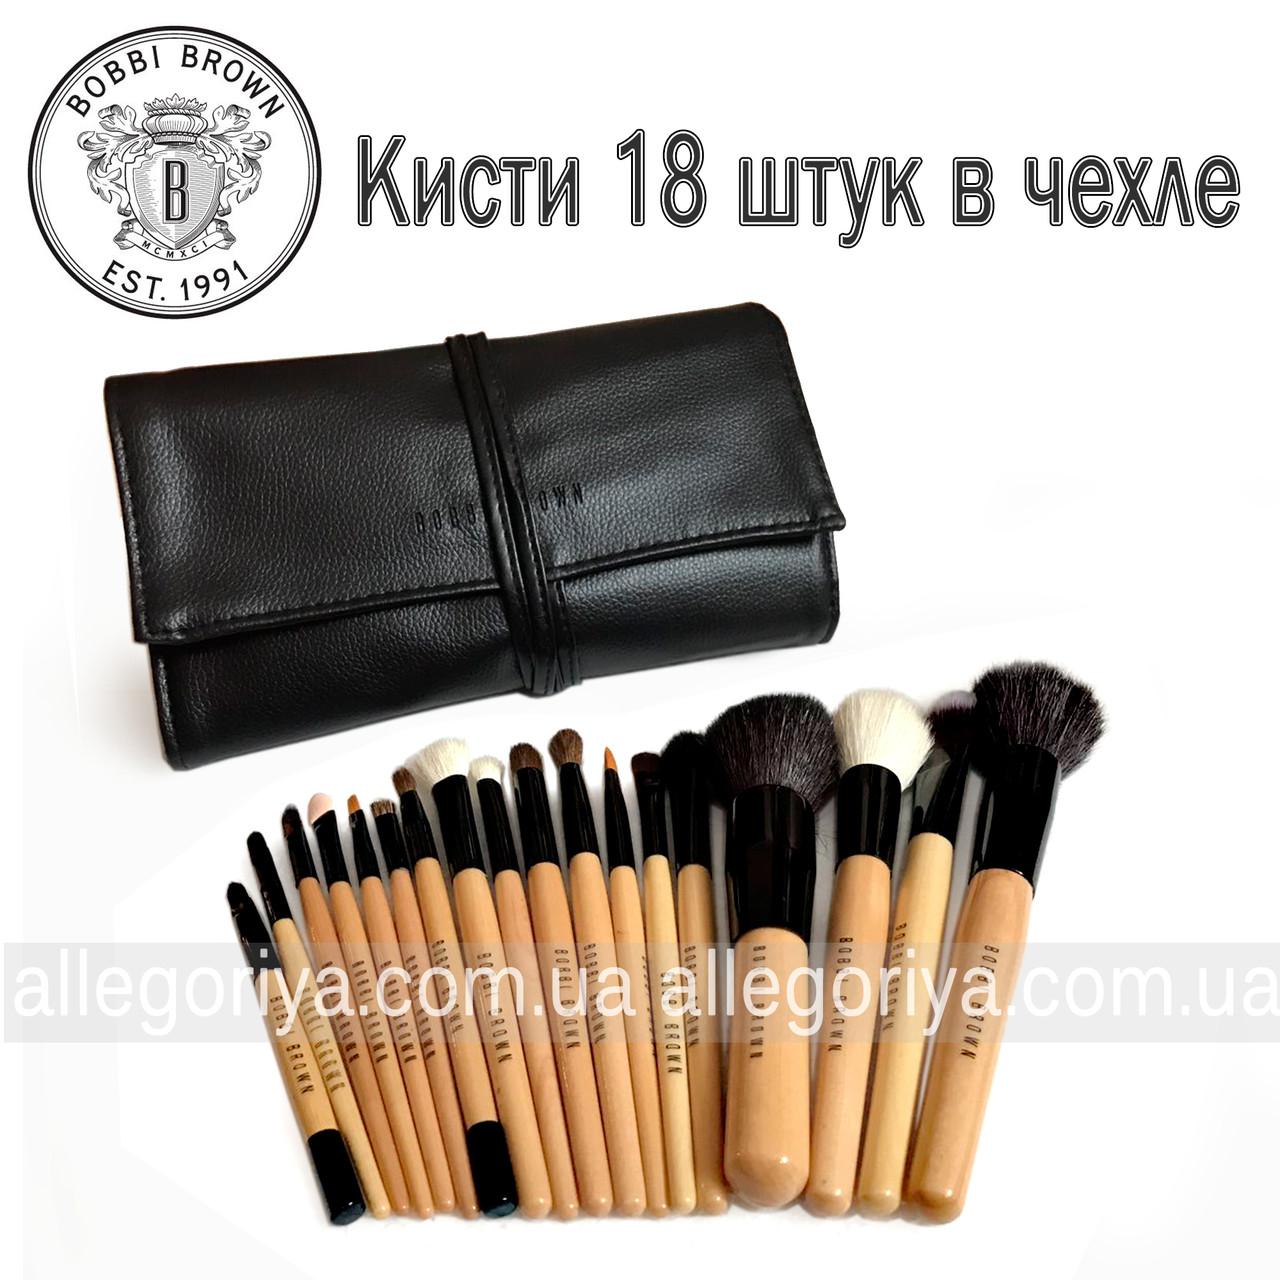 Набор косметических кистей от Bobbi Brown 18 штук + чехол в ПОДАРОК - Интернет-магазин Allegoriya в Днепре